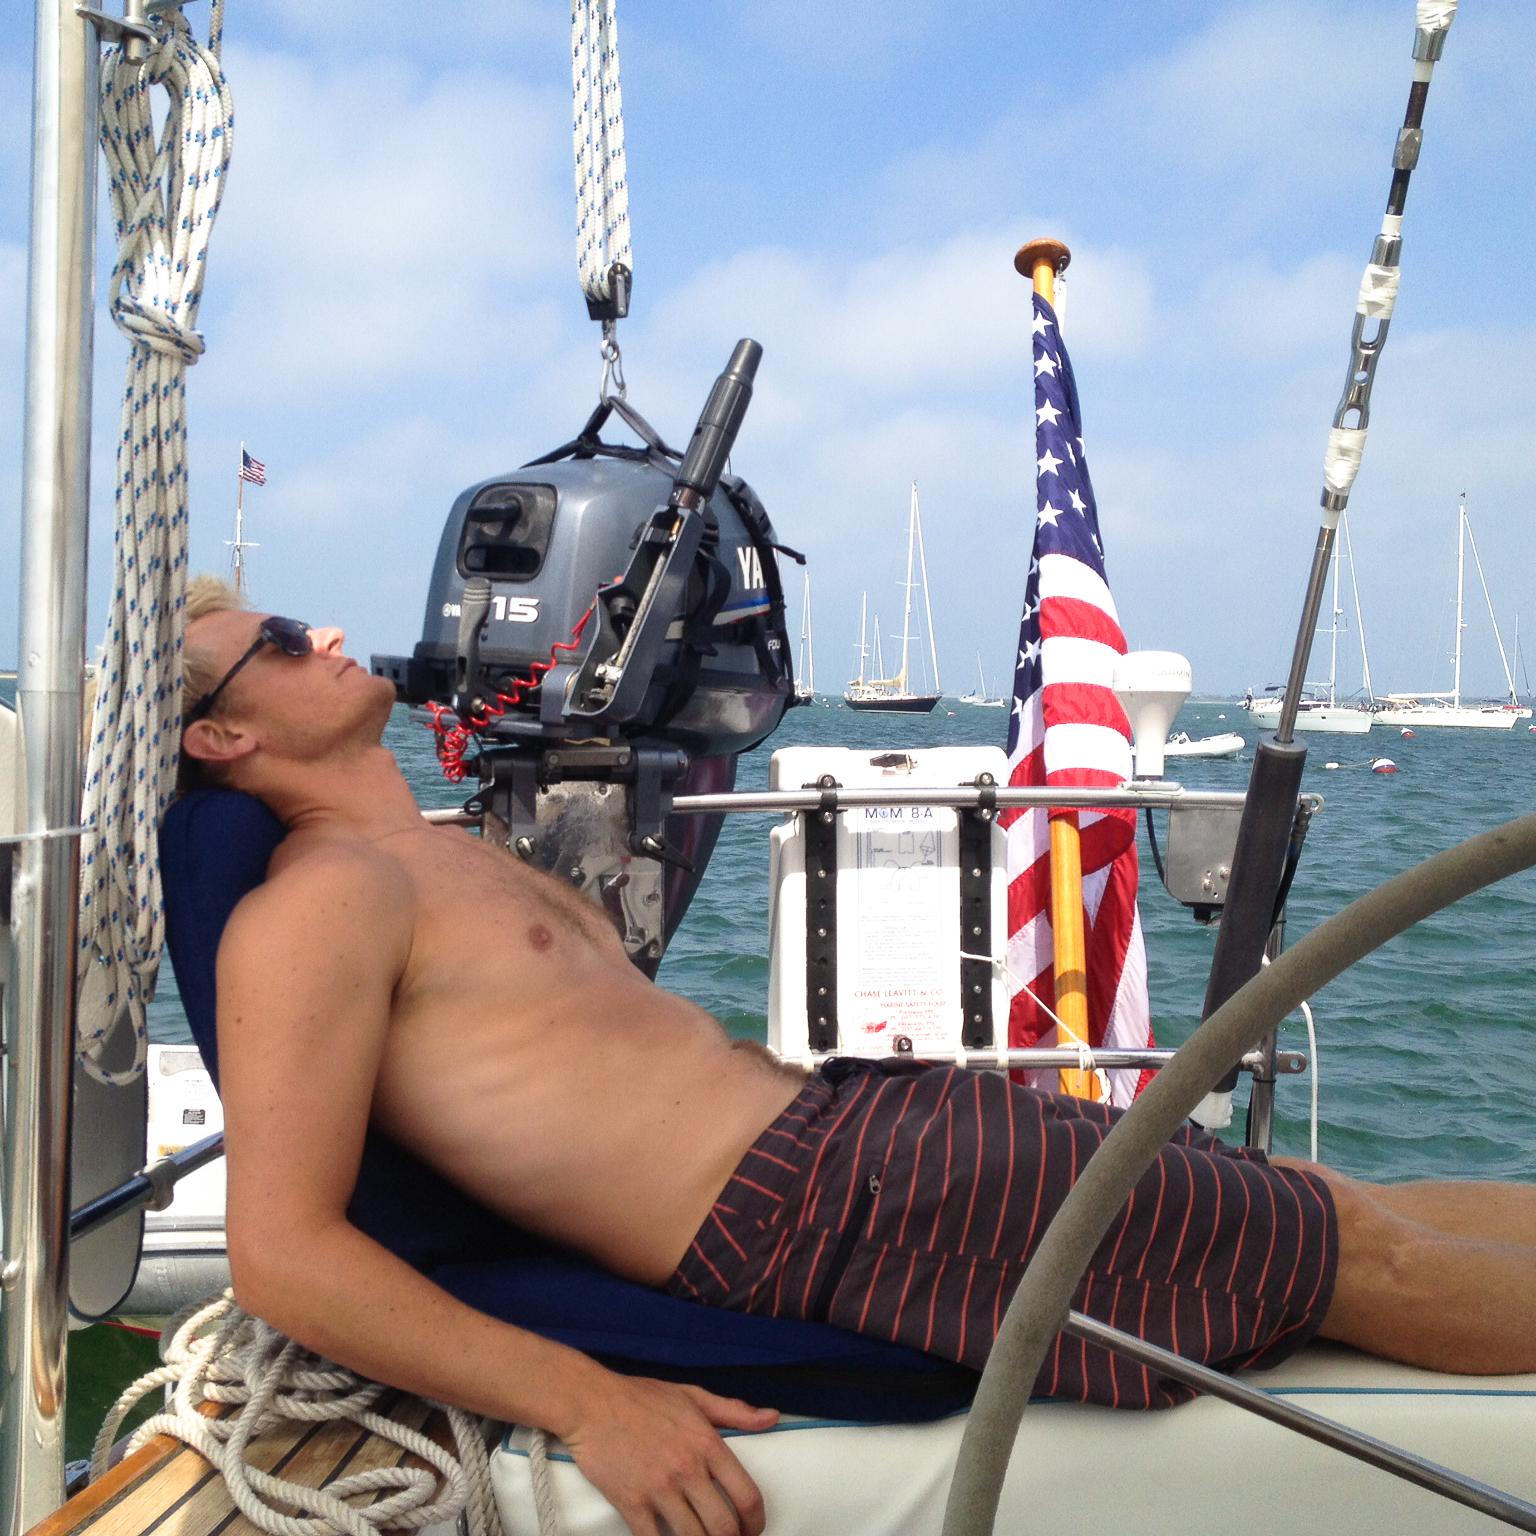 brother-nap-sailboat-ack.jpg